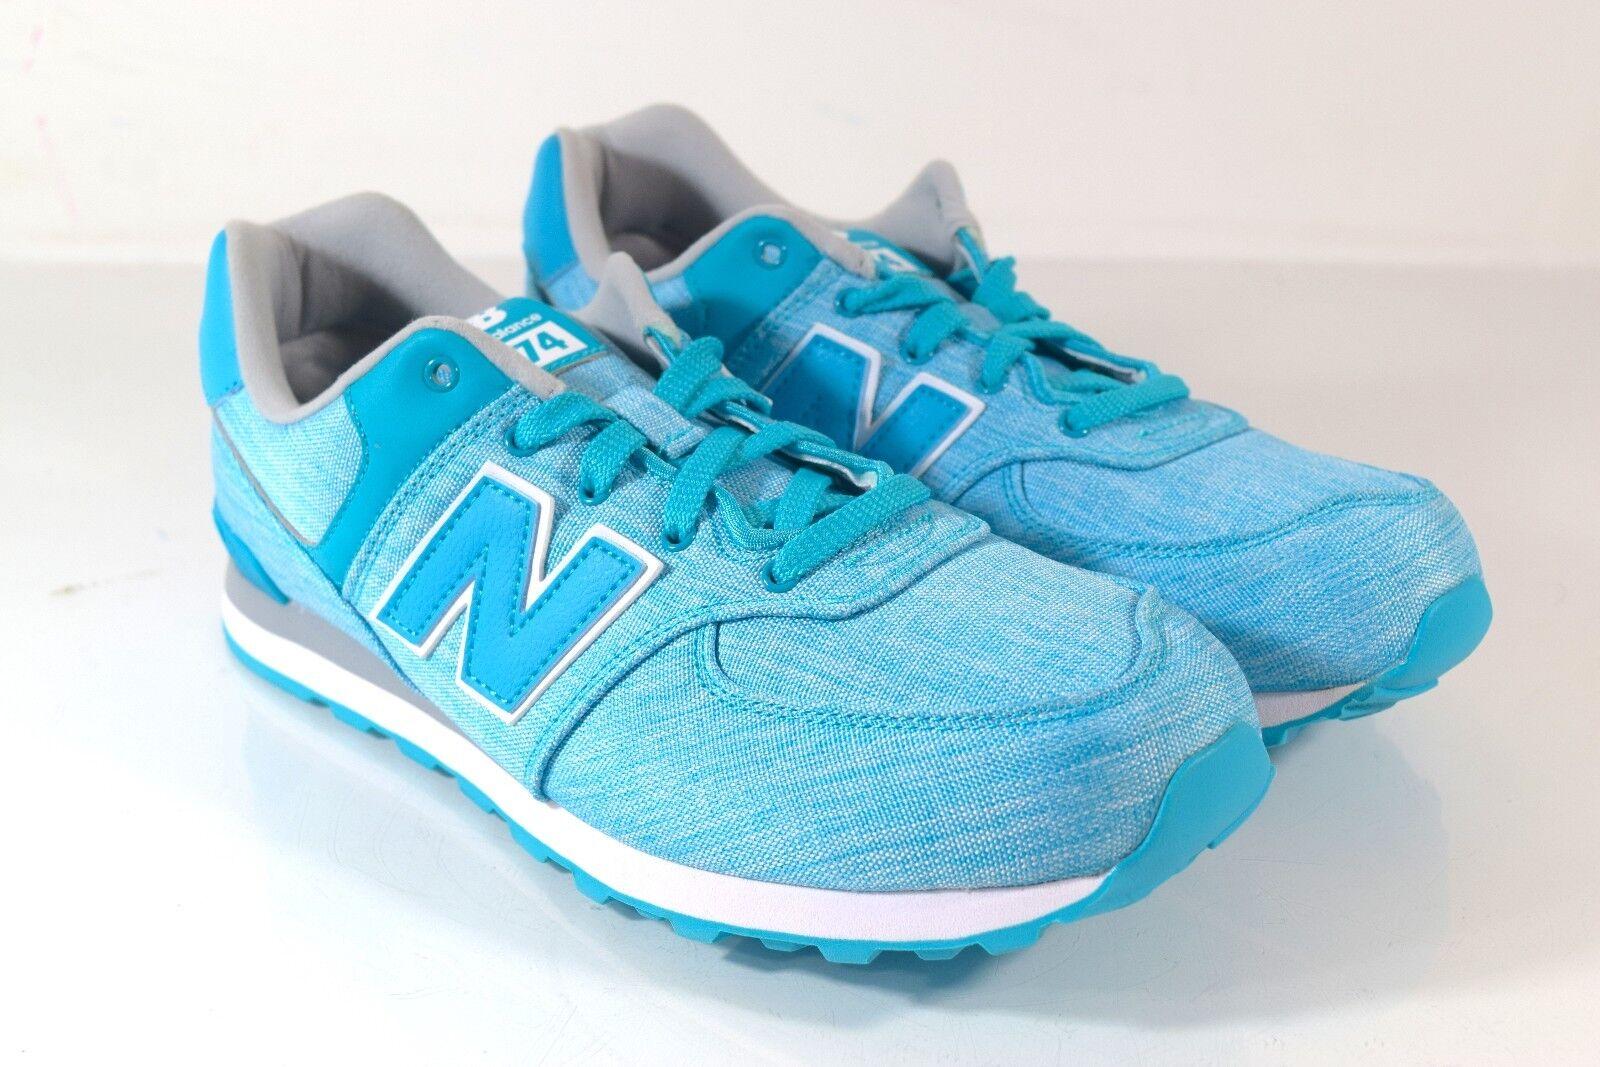 New Balance 574 Textile Sneaker Shoes (US Men's Size 7 / women Size 8.5)